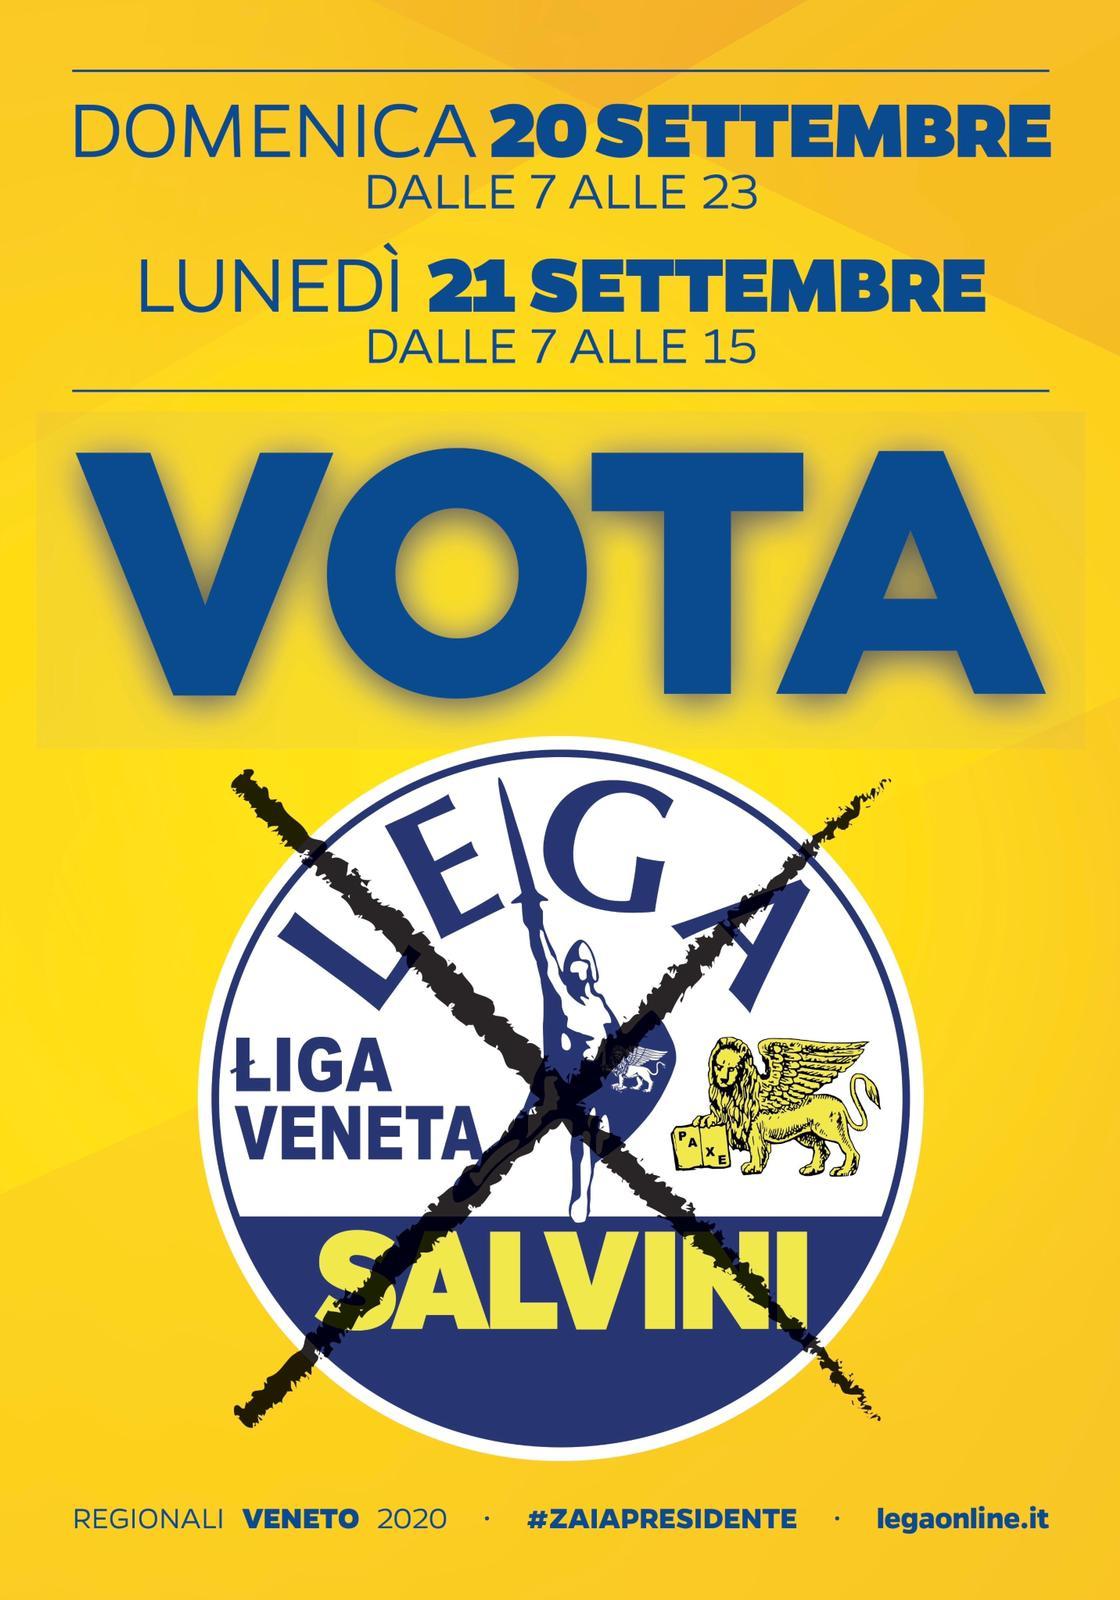 Domenica 20 settembre dalle 7 alle 23 e lunedì 21 settembre dalle 7 alle 15 VOTA LEGA! #ZAIAPRESIDENTE